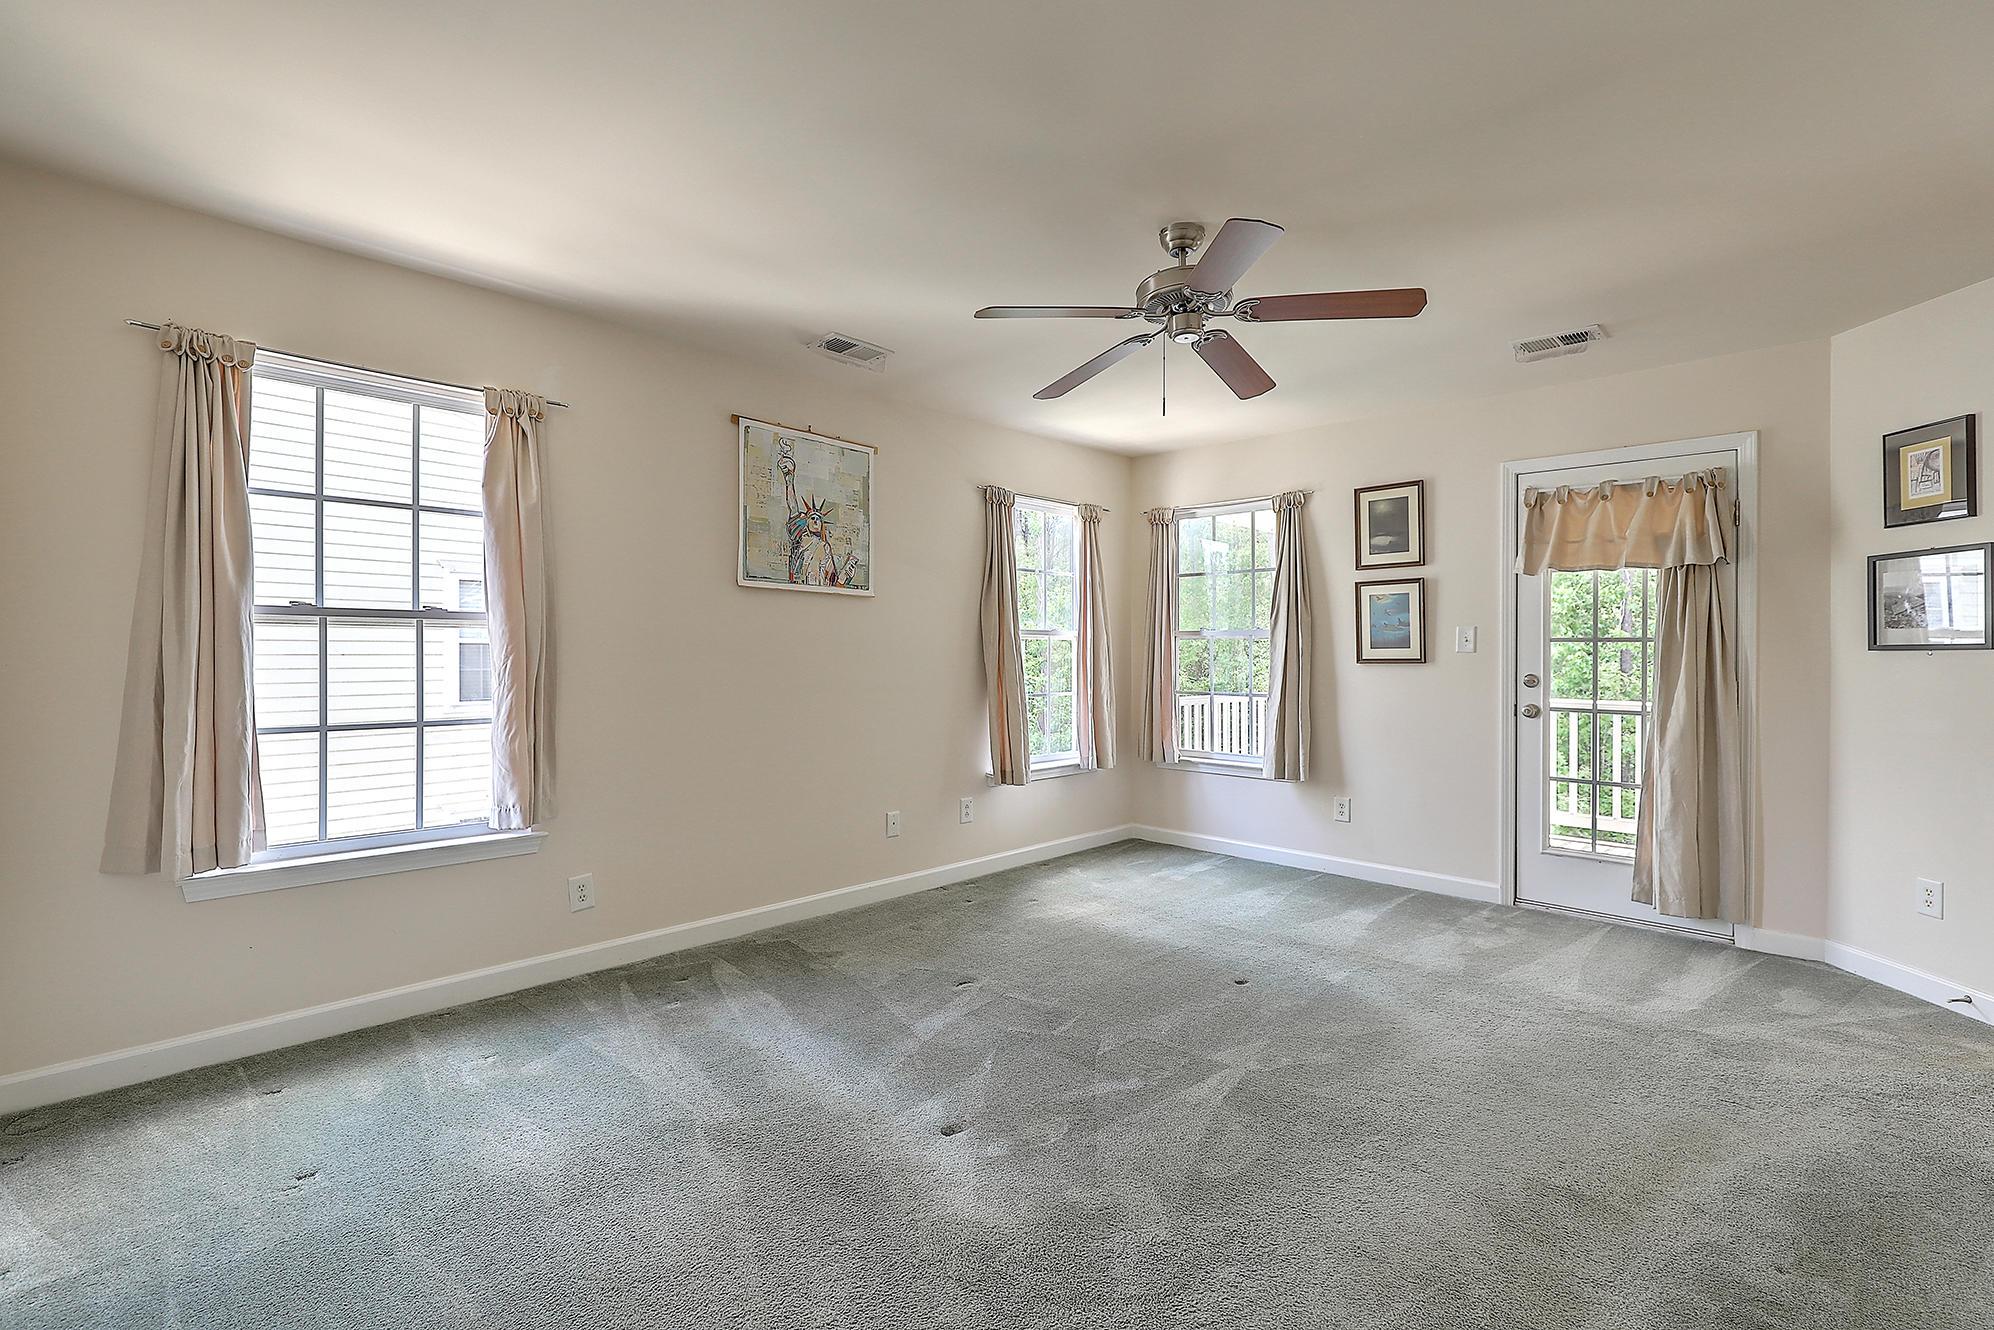 Kensington at Park West Homes For Sale - 3521 Claremont, Mount Pleasant, SC - 22